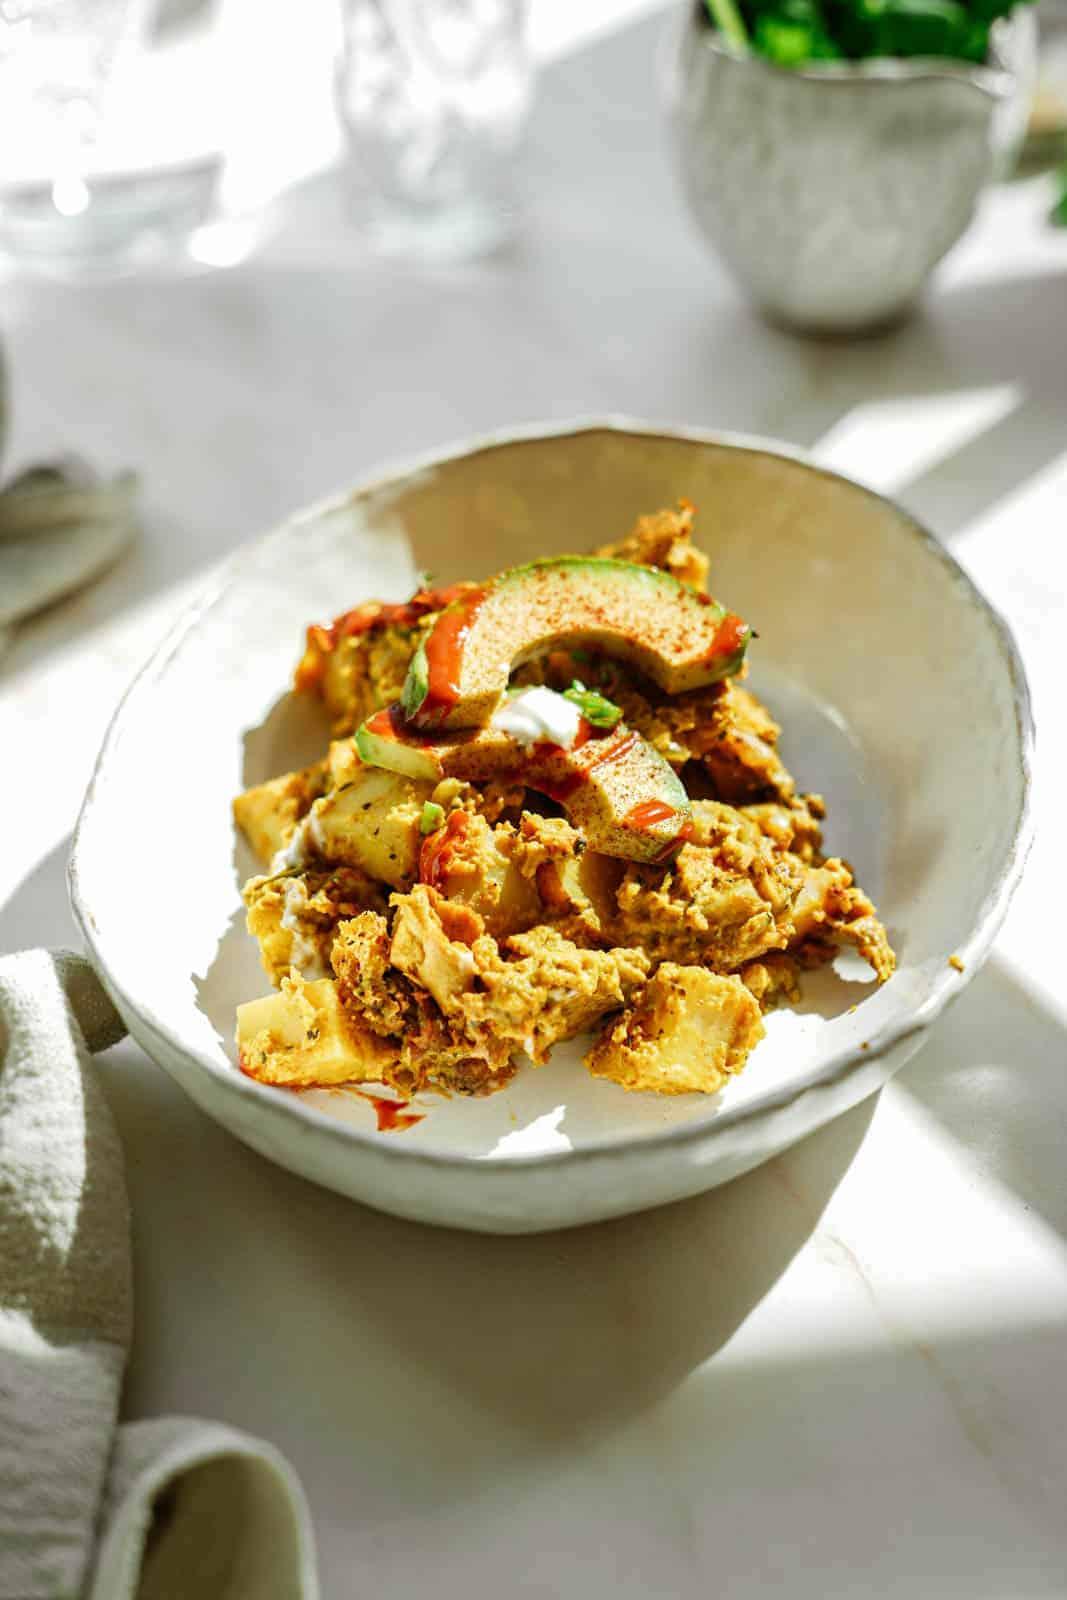 Vegan breakfast casserole in a bowl